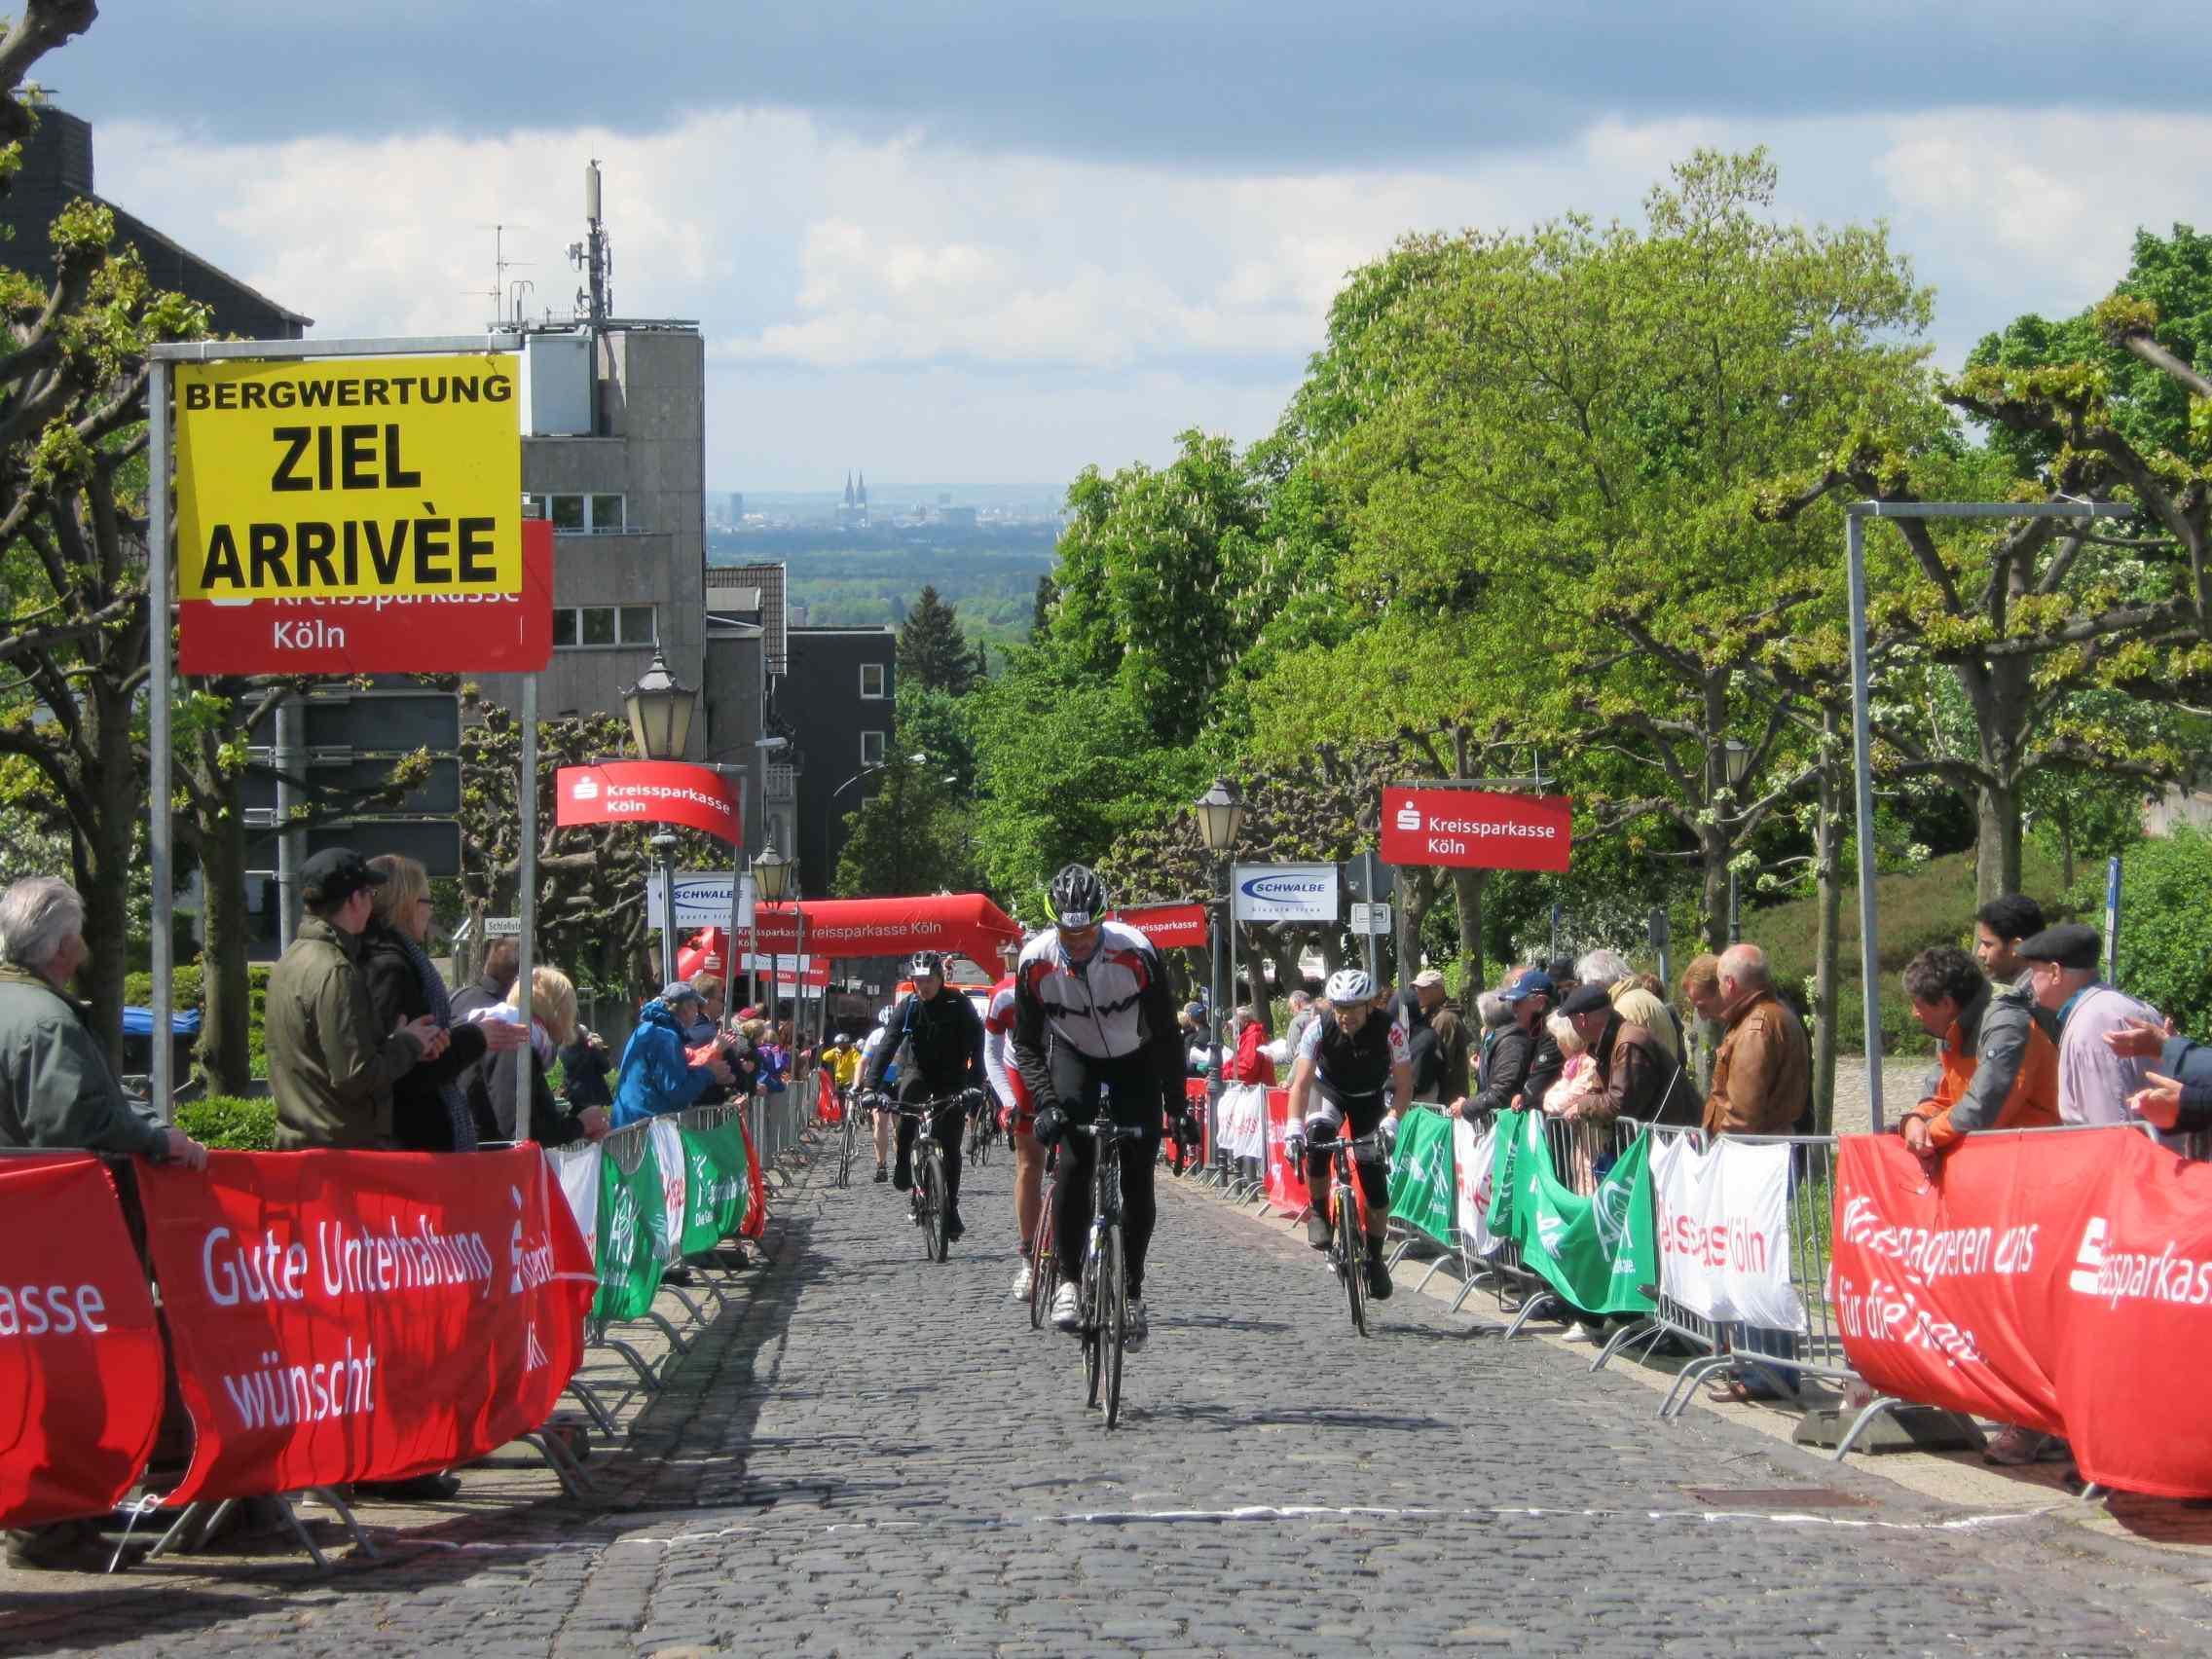 """Über 4.000 Hobbysportler und Radprofis haben beim Traditionsrennen """"Rund um Köln"""" 2013 teilgenommen."""